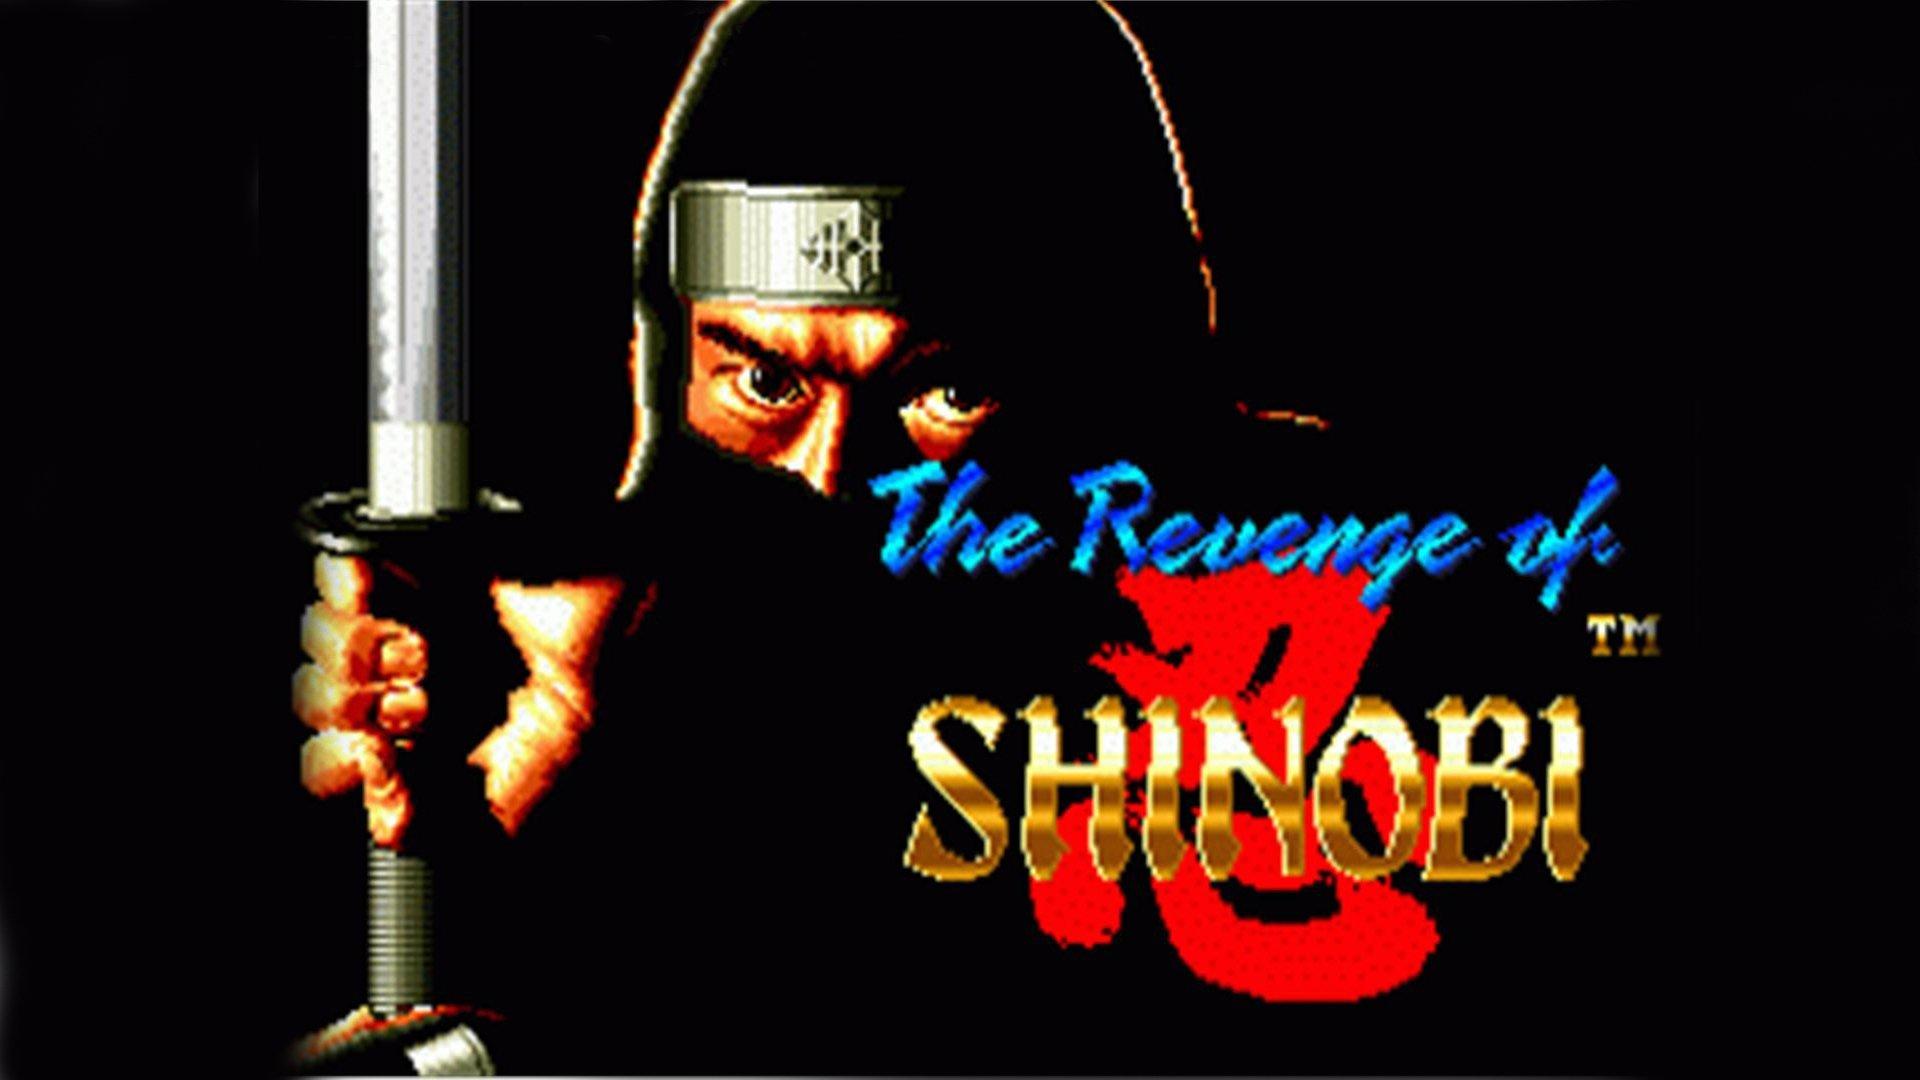 [TEST] The Revenge of Shinobi / Megadrive The-revenge-of-shinobi-19835-1